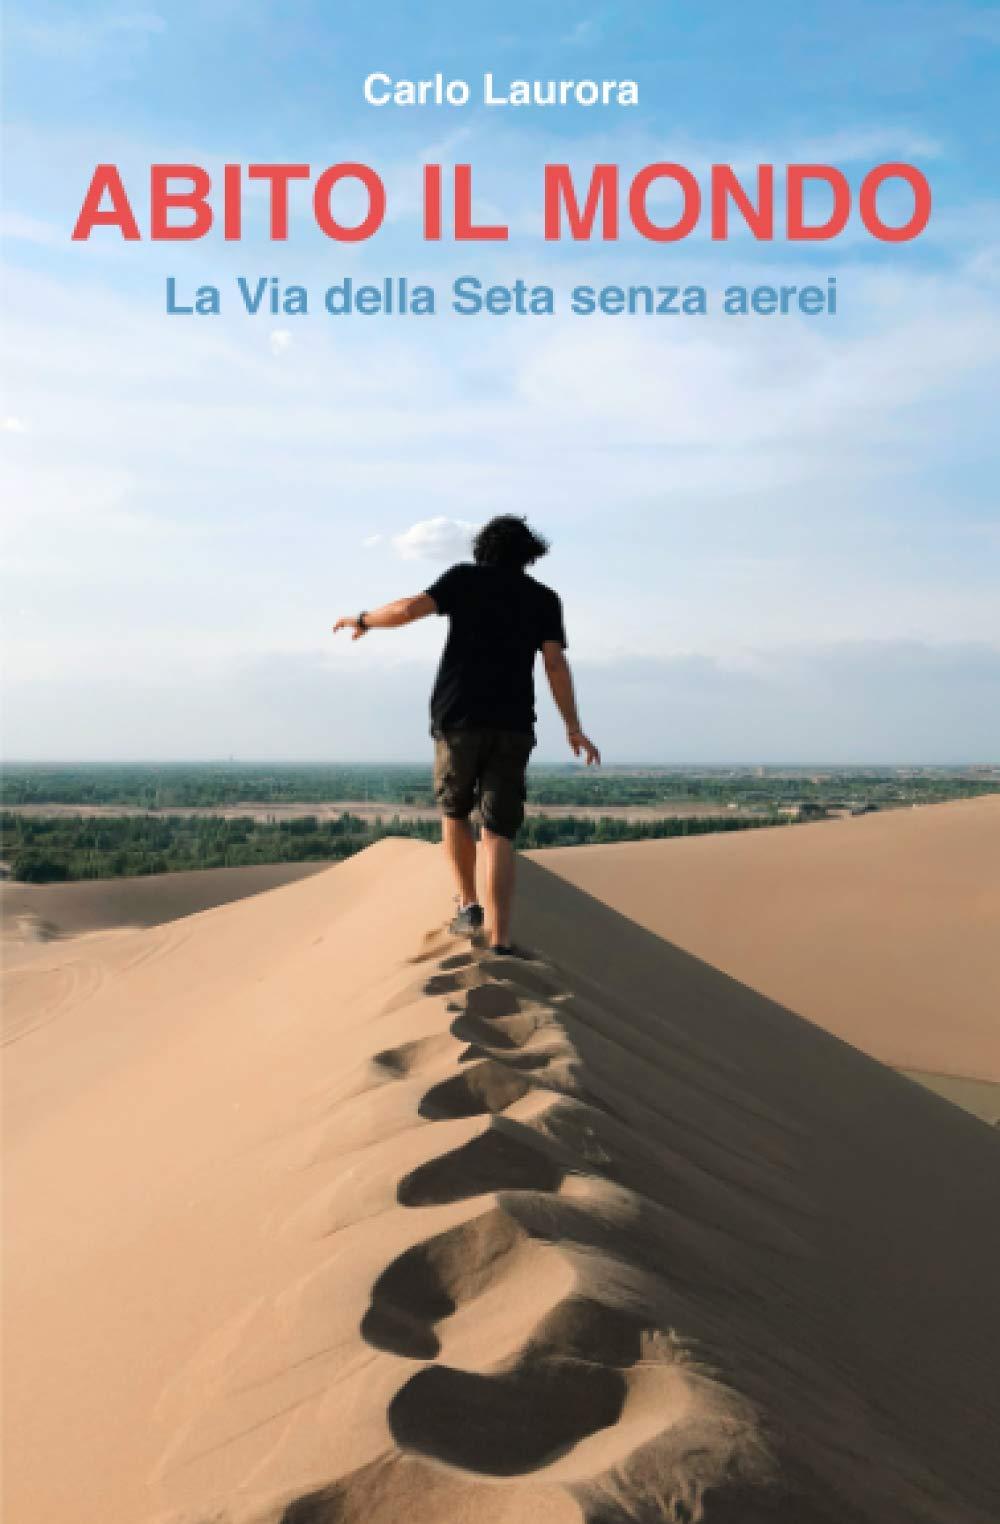 Abito il mondo: la Via della Seta senza aerei